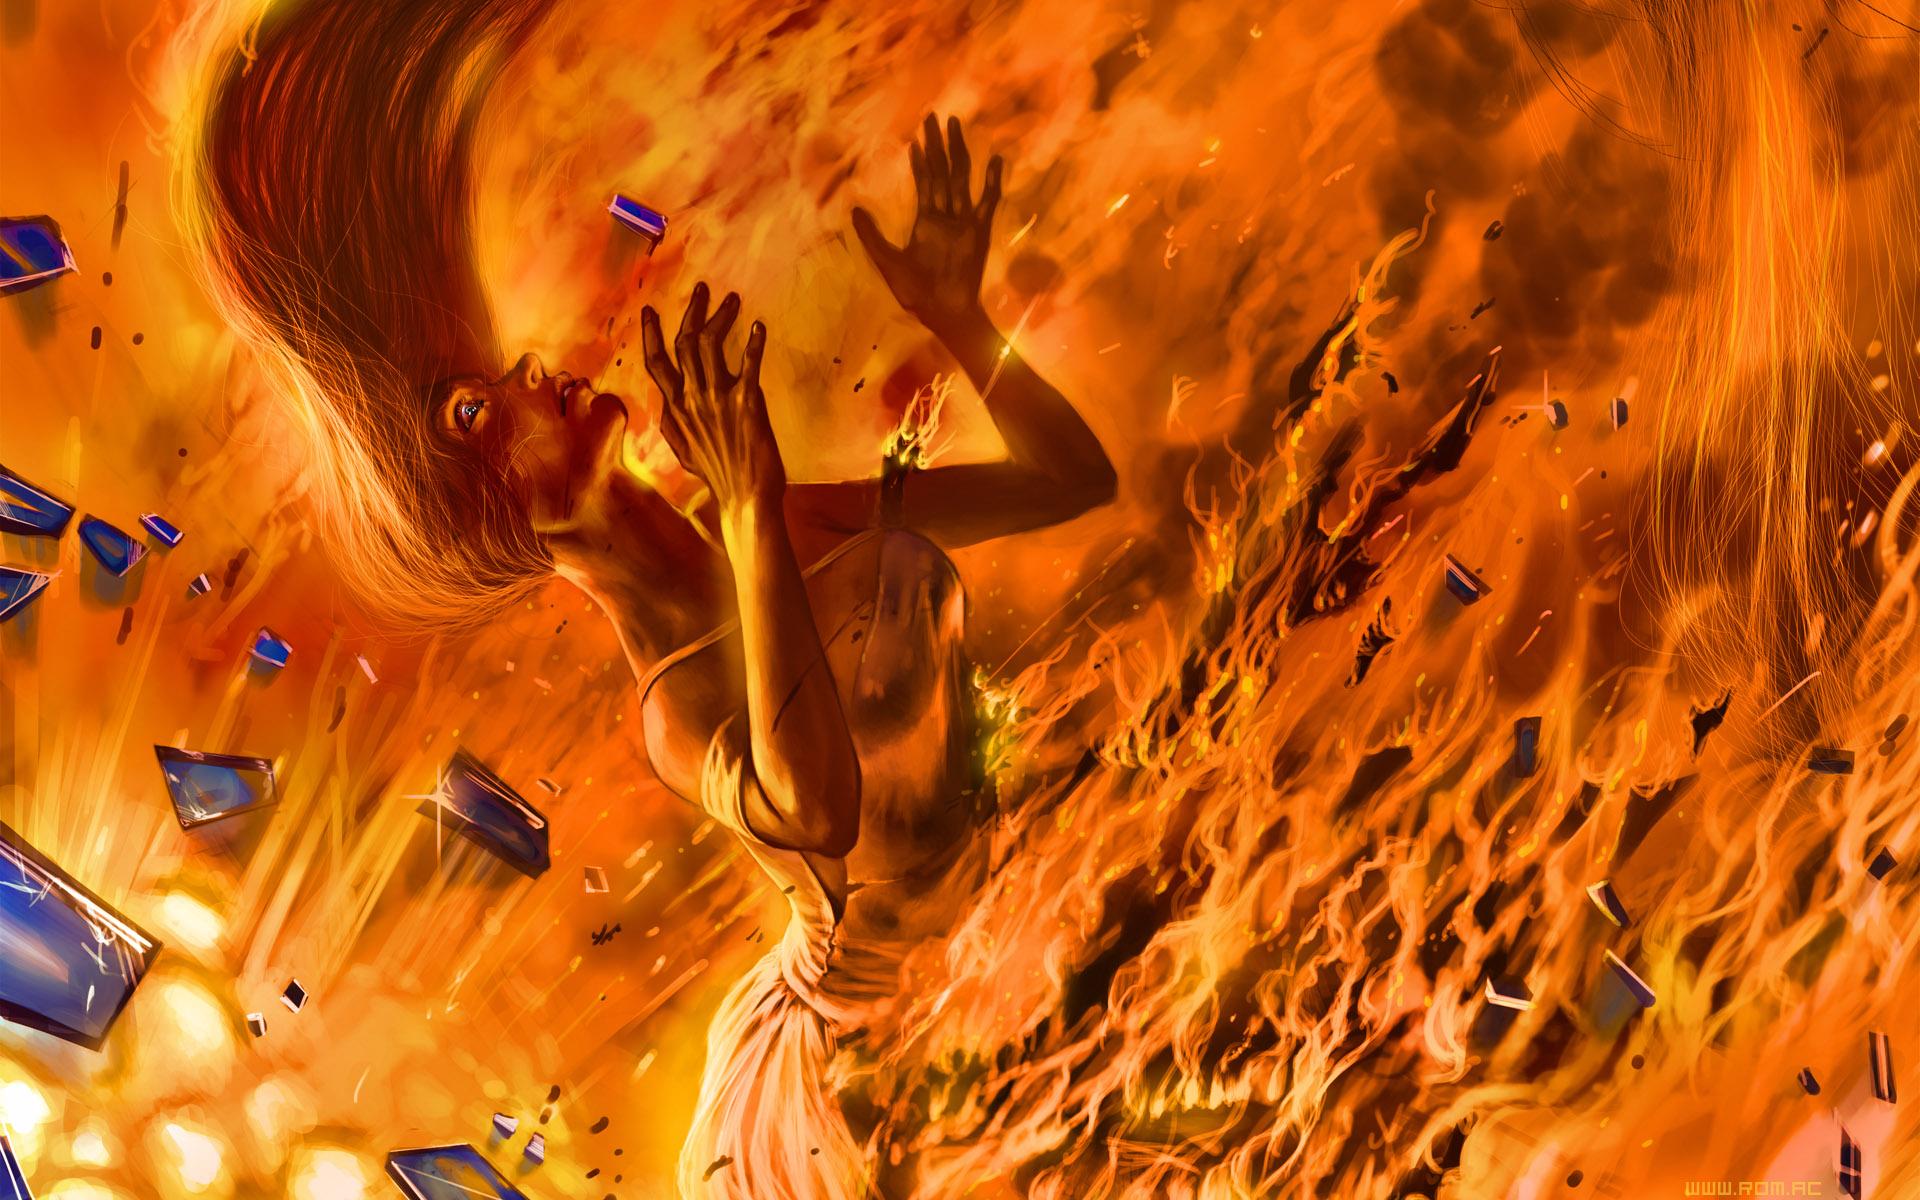 High Resolution Wallpaper   Hellfire 1920x1200 px